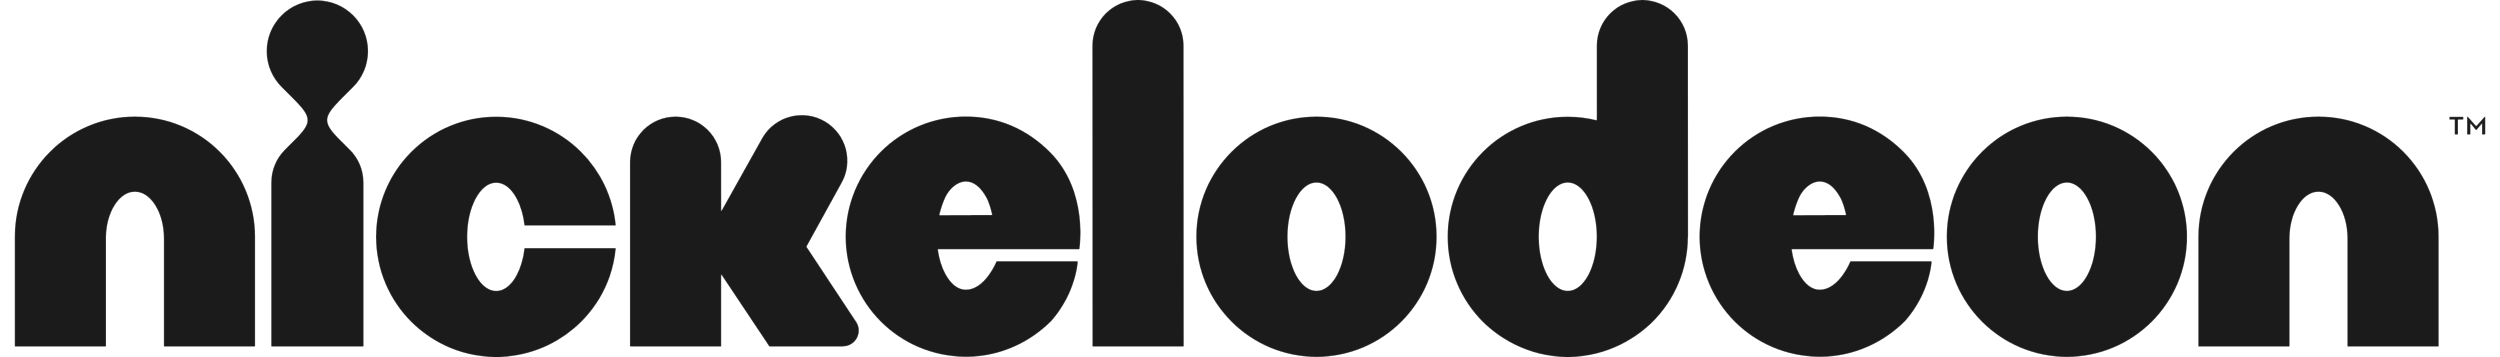 nickelodeon-logo-png-BW.png